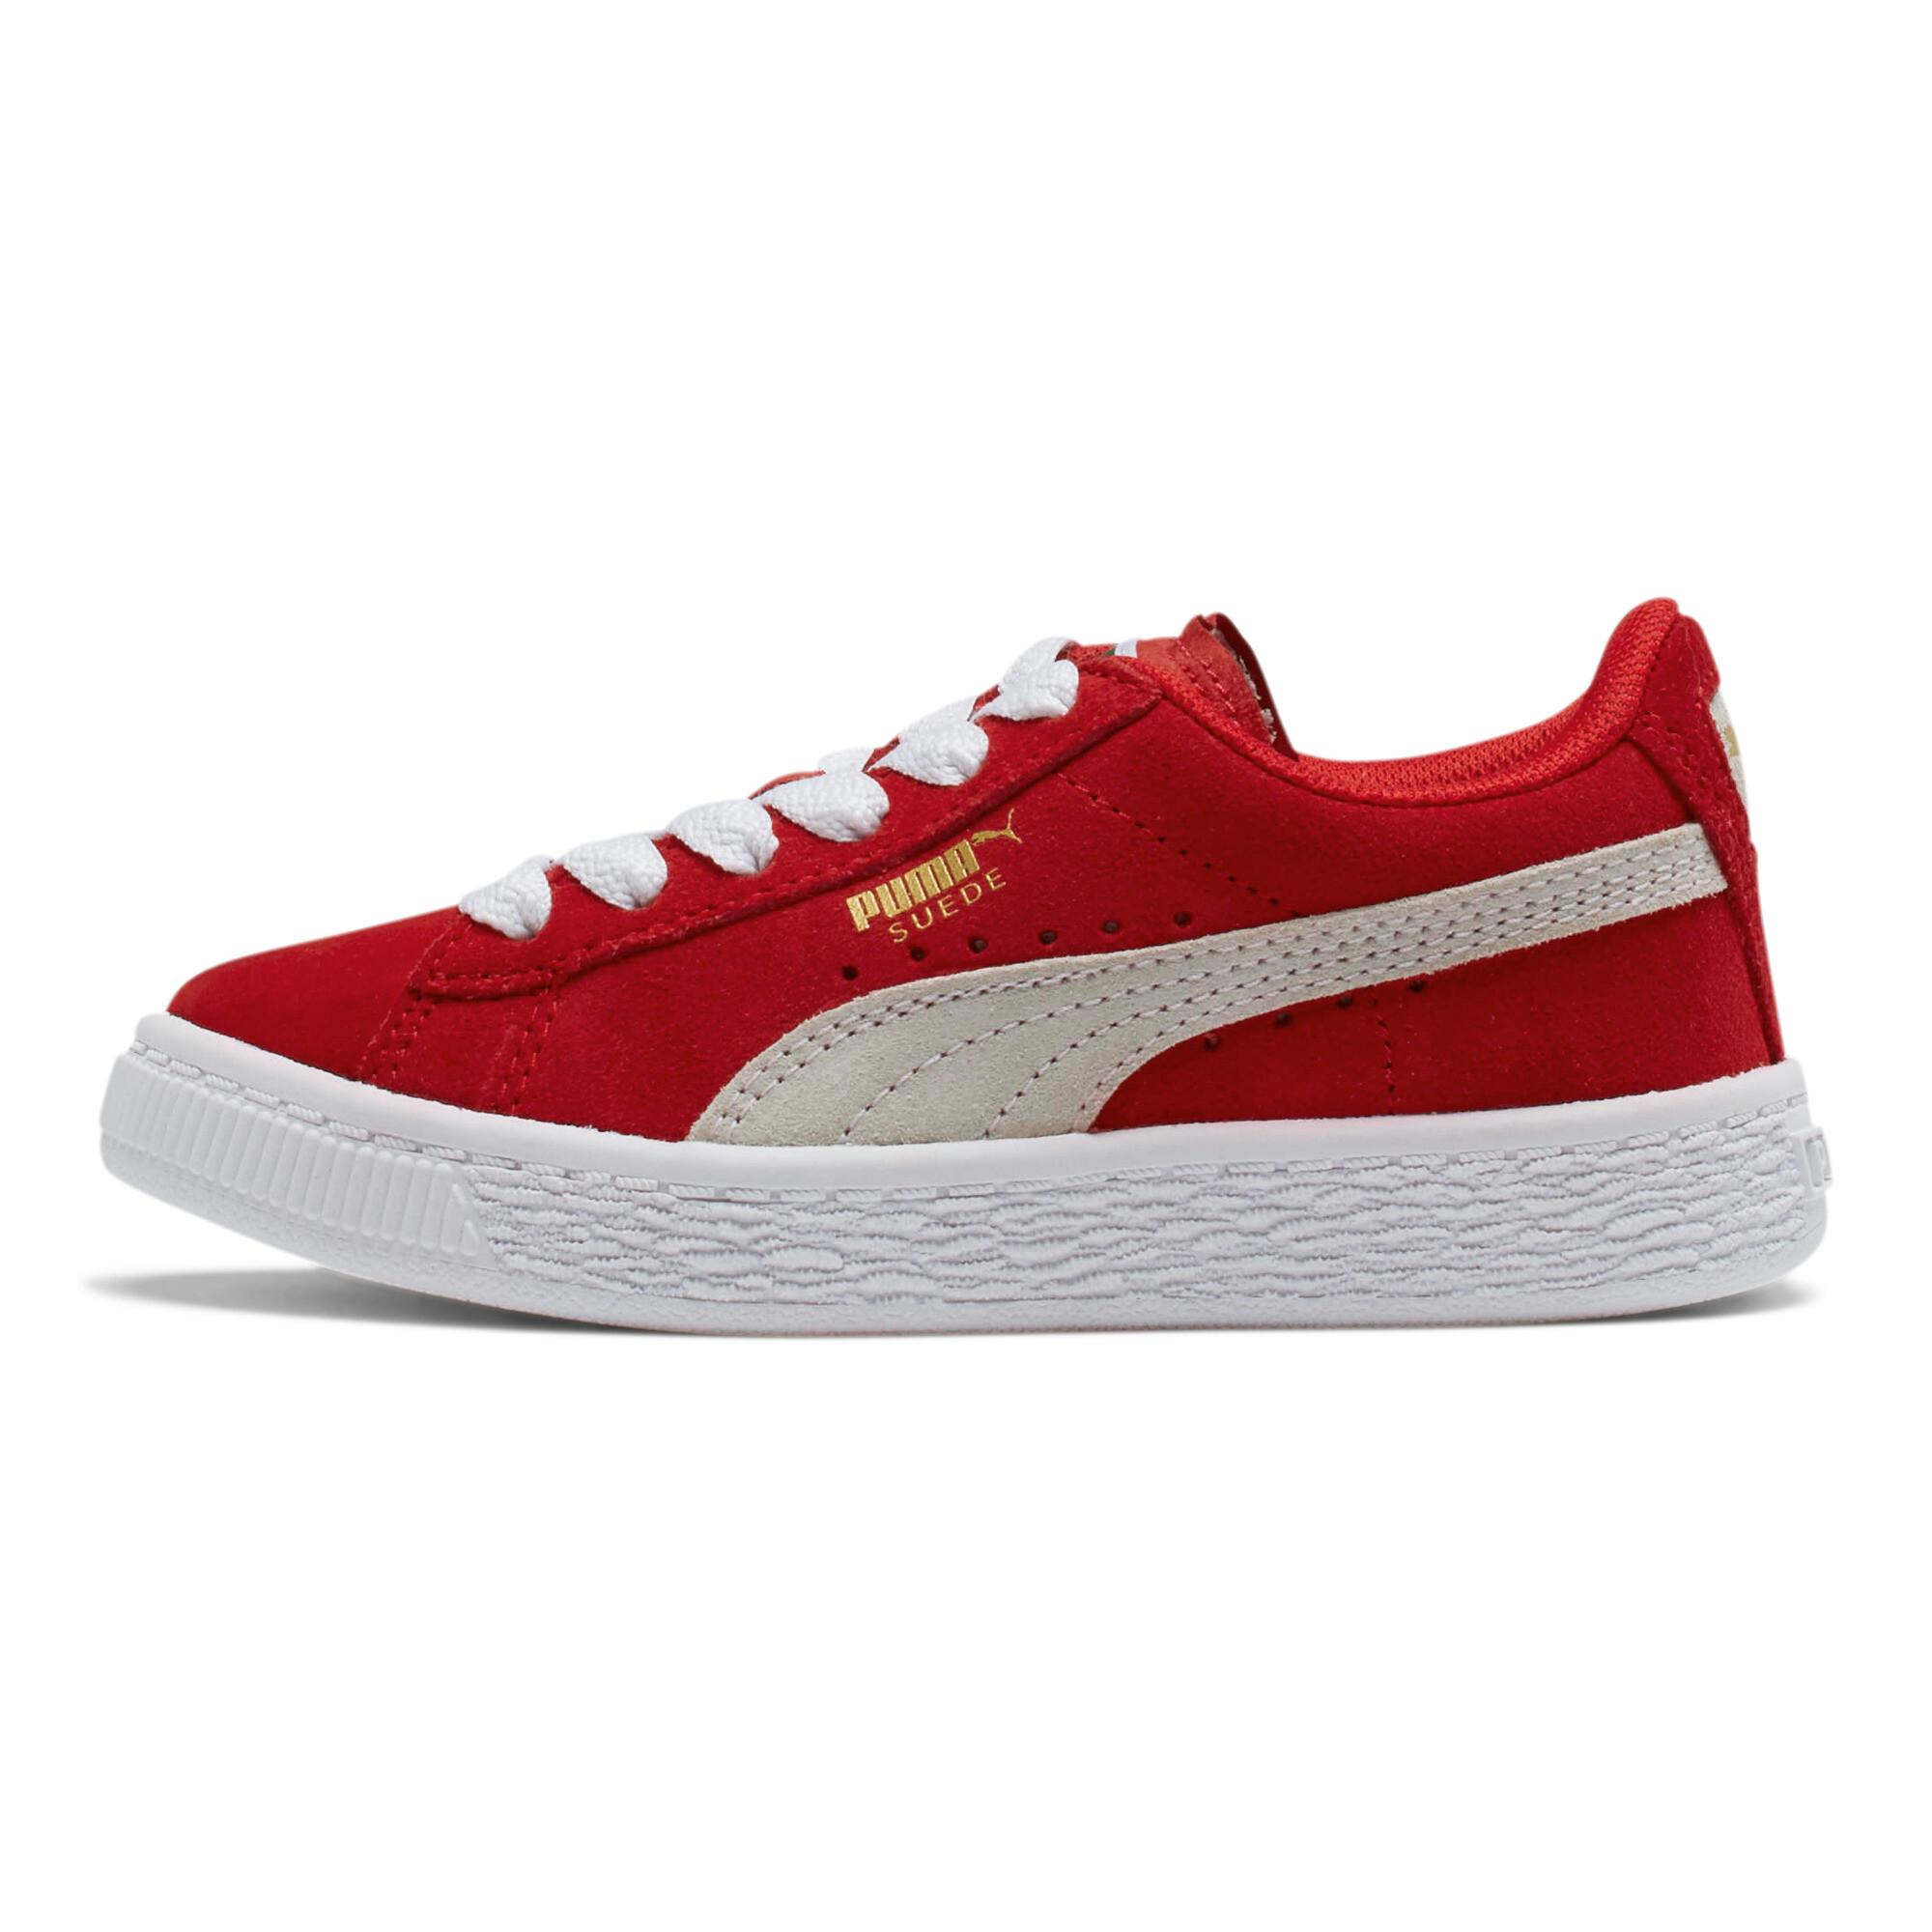 PUMA-Suede-Little-Kids-039-Shoes-Kids-Shoe-Kids thumbnail 8